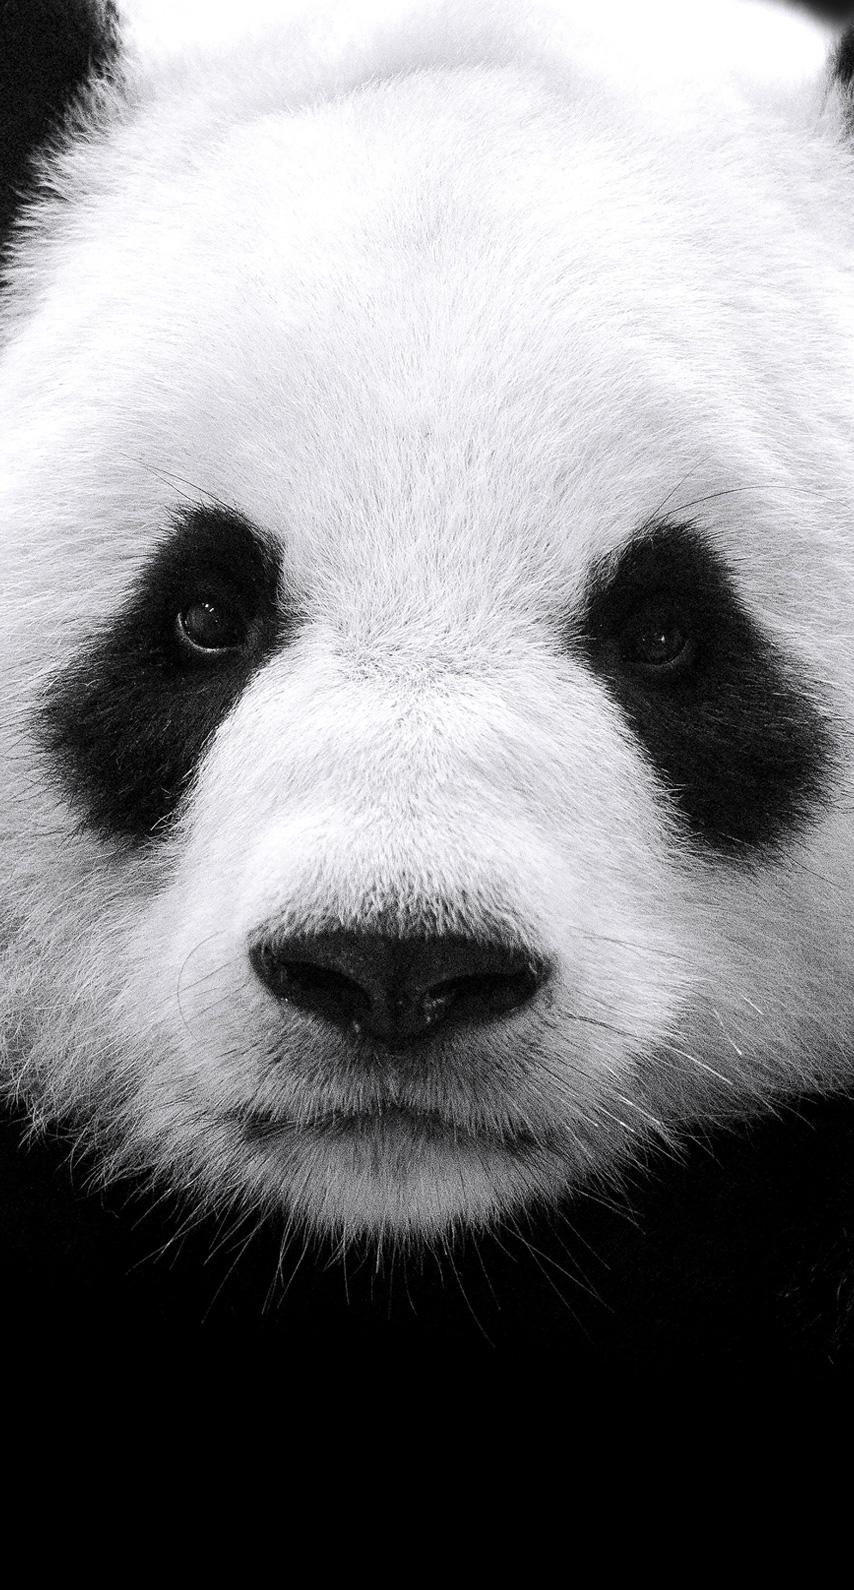 eye, panda